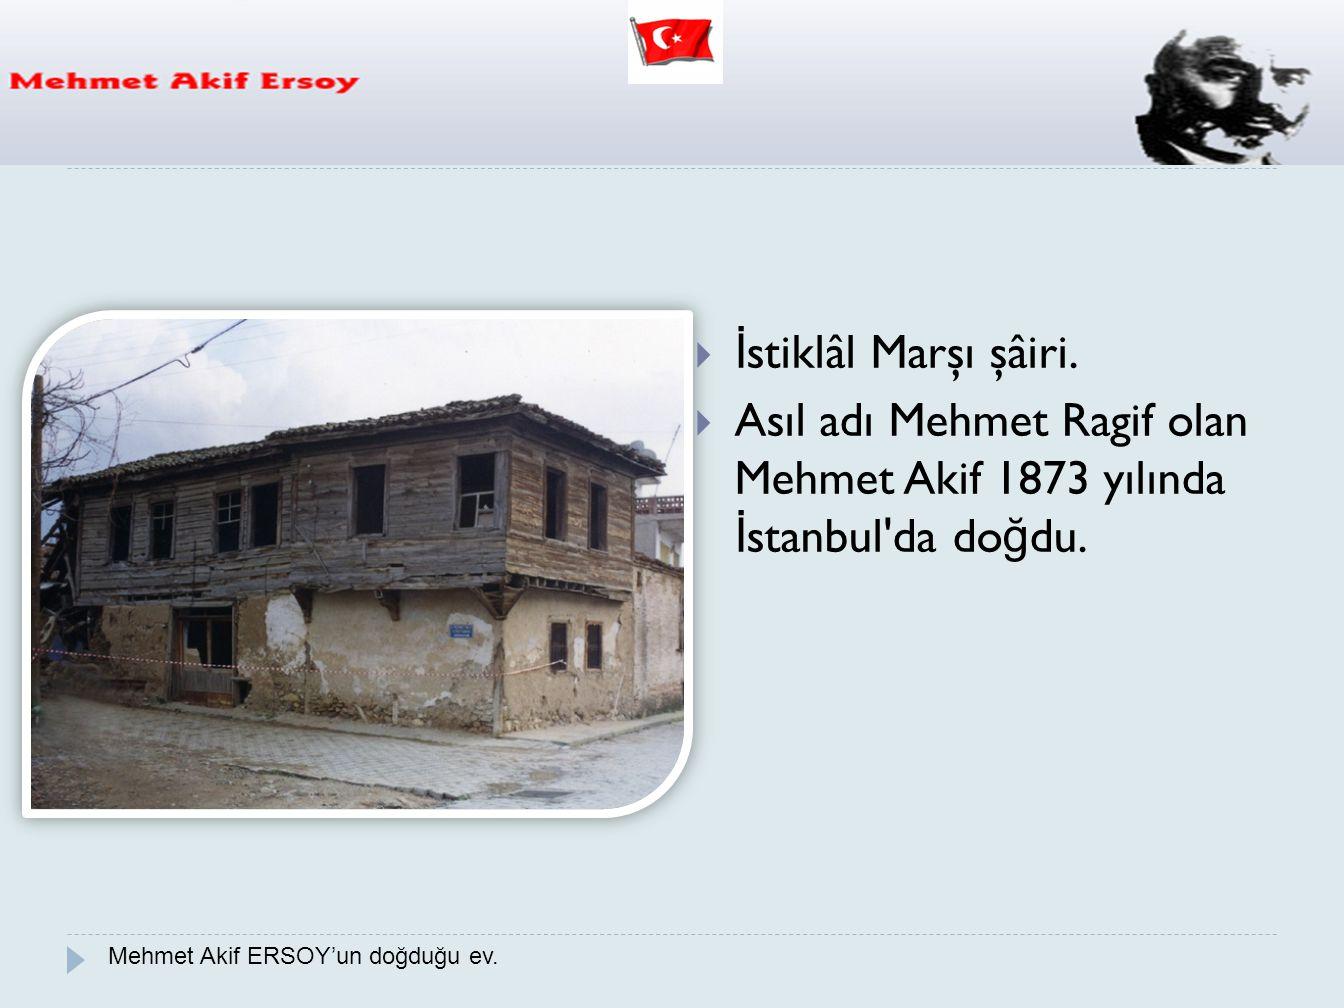  İ stiklâl Marşı şâiri.  Asıl adı Mehmet Ragif olan Mehmet Akif 1873 yılında İ stanbul'da do ğ du. Mehmet Akif ERSOY'un doğduğu ev.